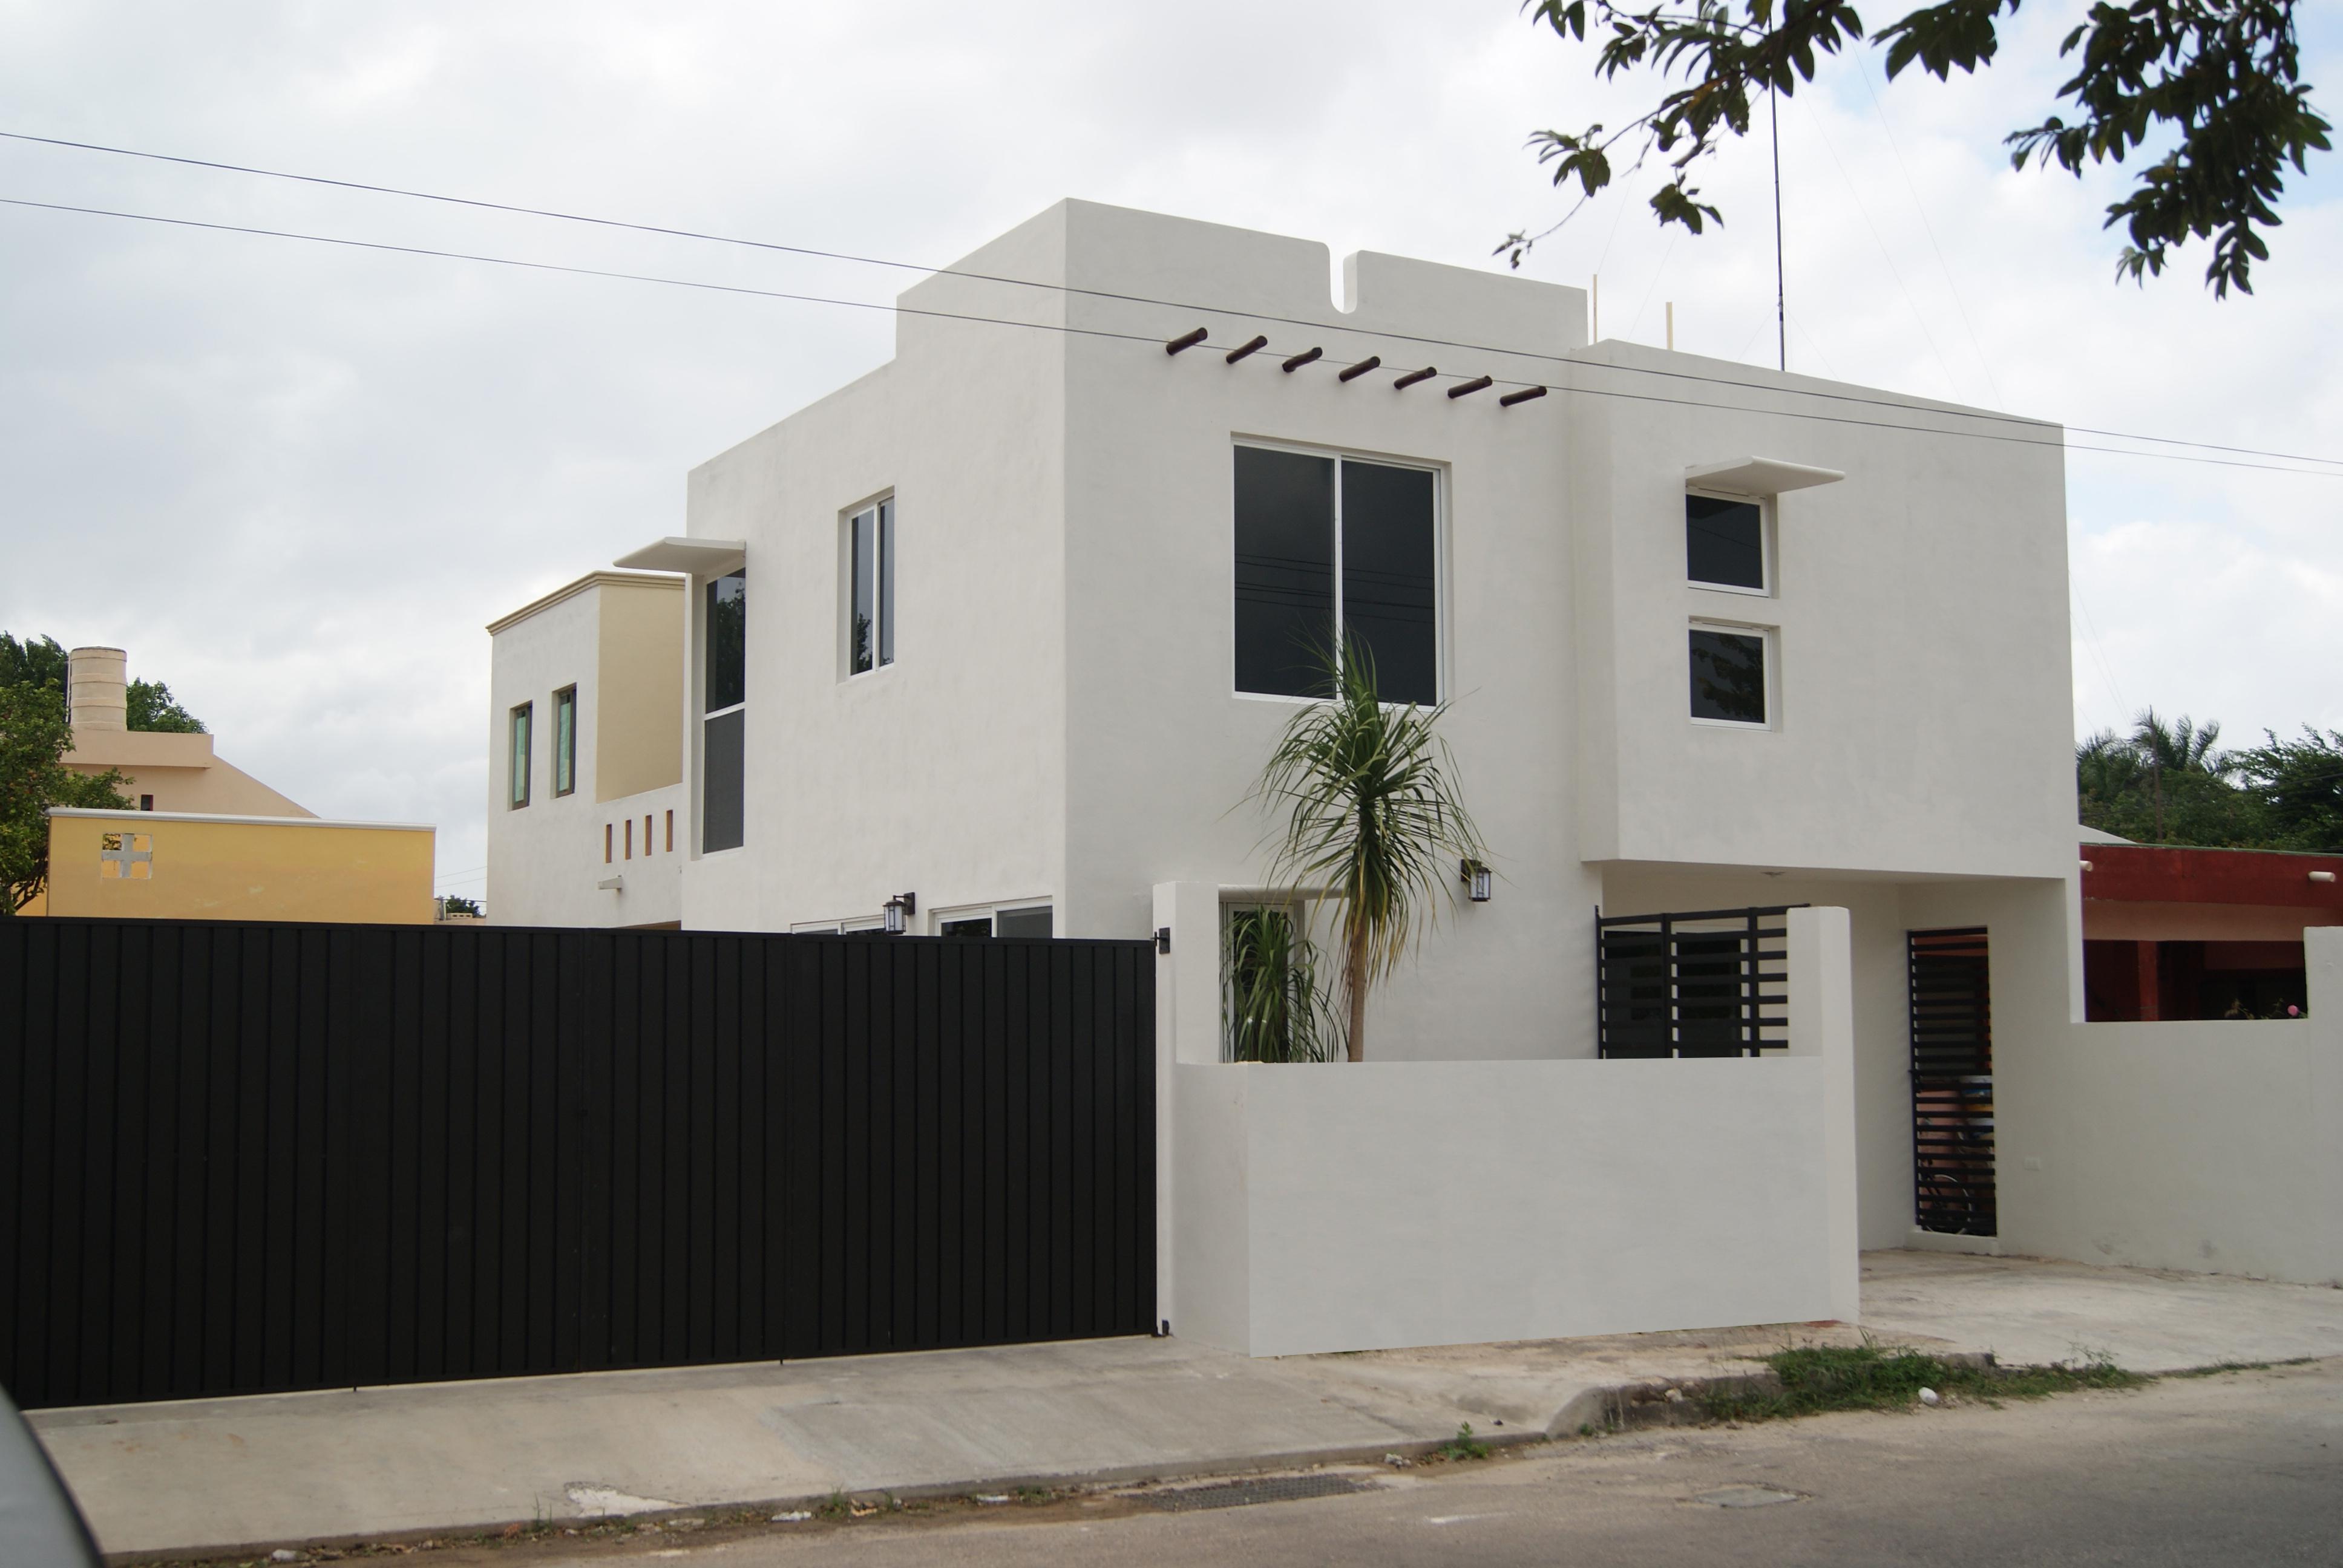 Proyecto Casa Sr. Gonzalez